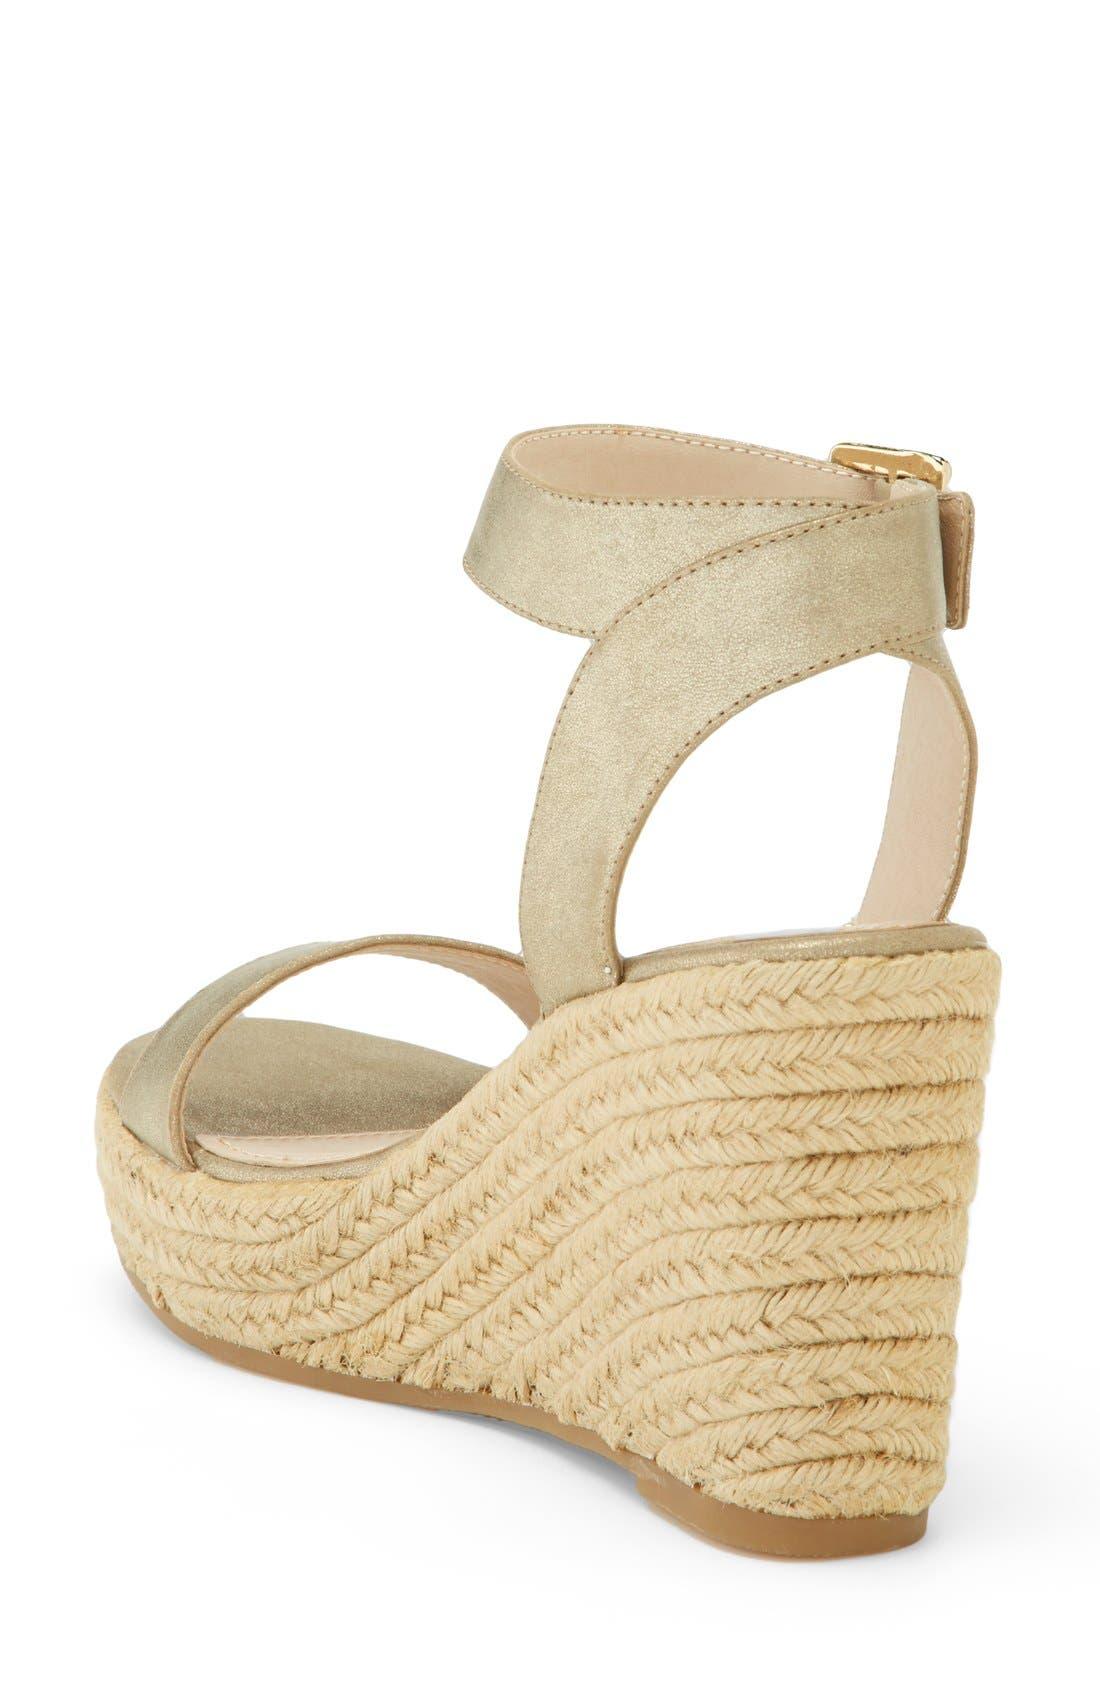 Alternate Image 2  - Steve Madden 'Seaside' Wedge Sandal (Women)